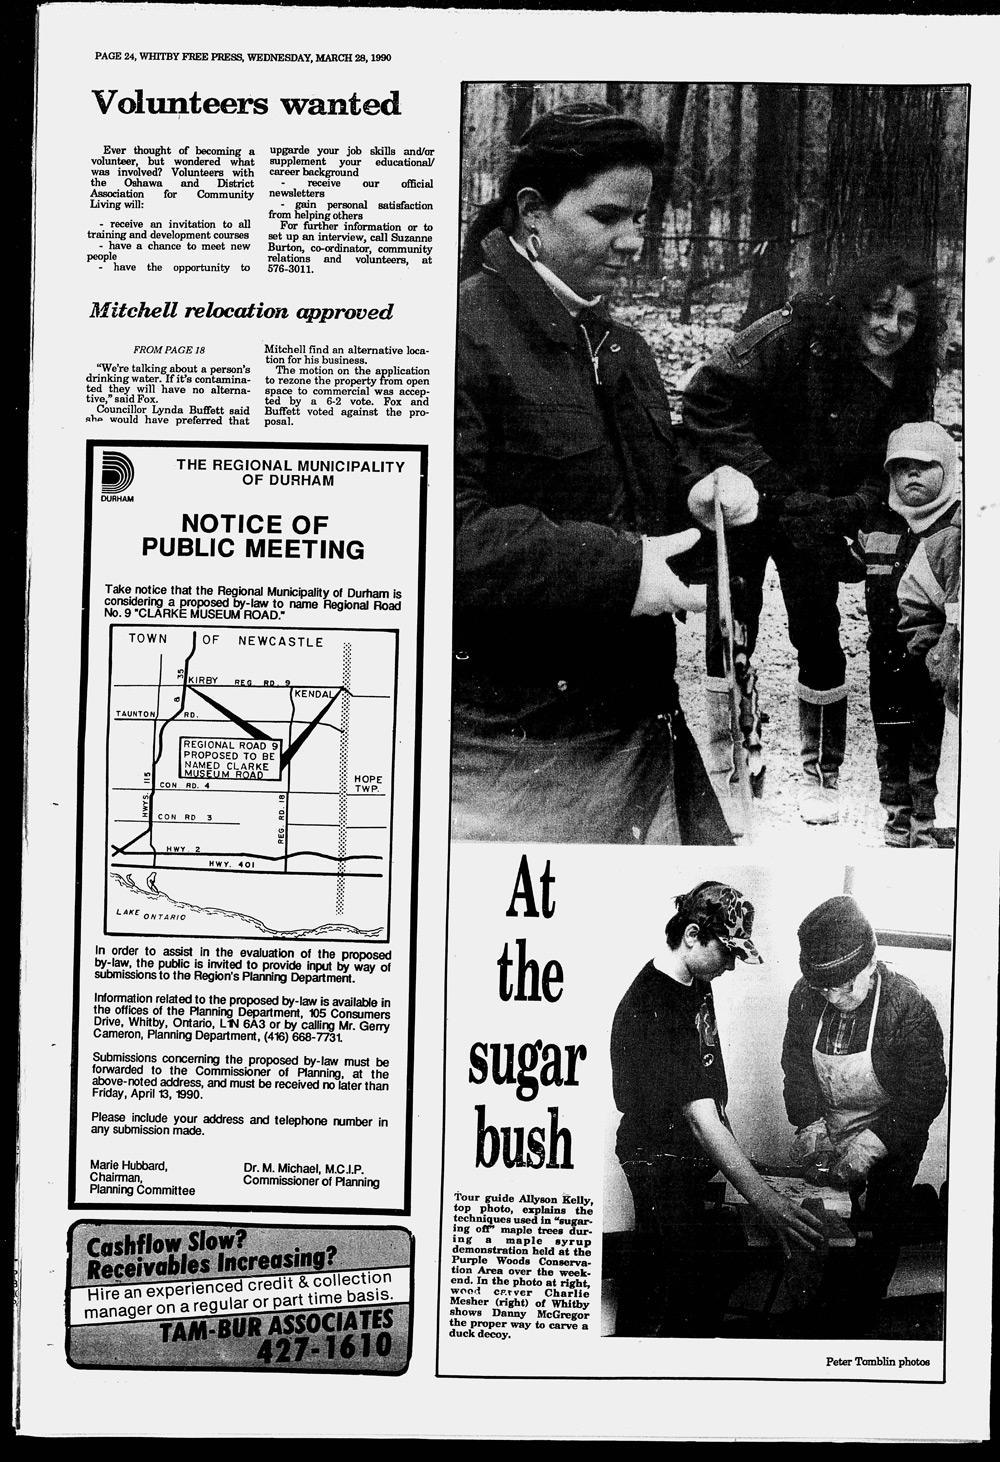 Whitby Free Press, 28 Mar 1990